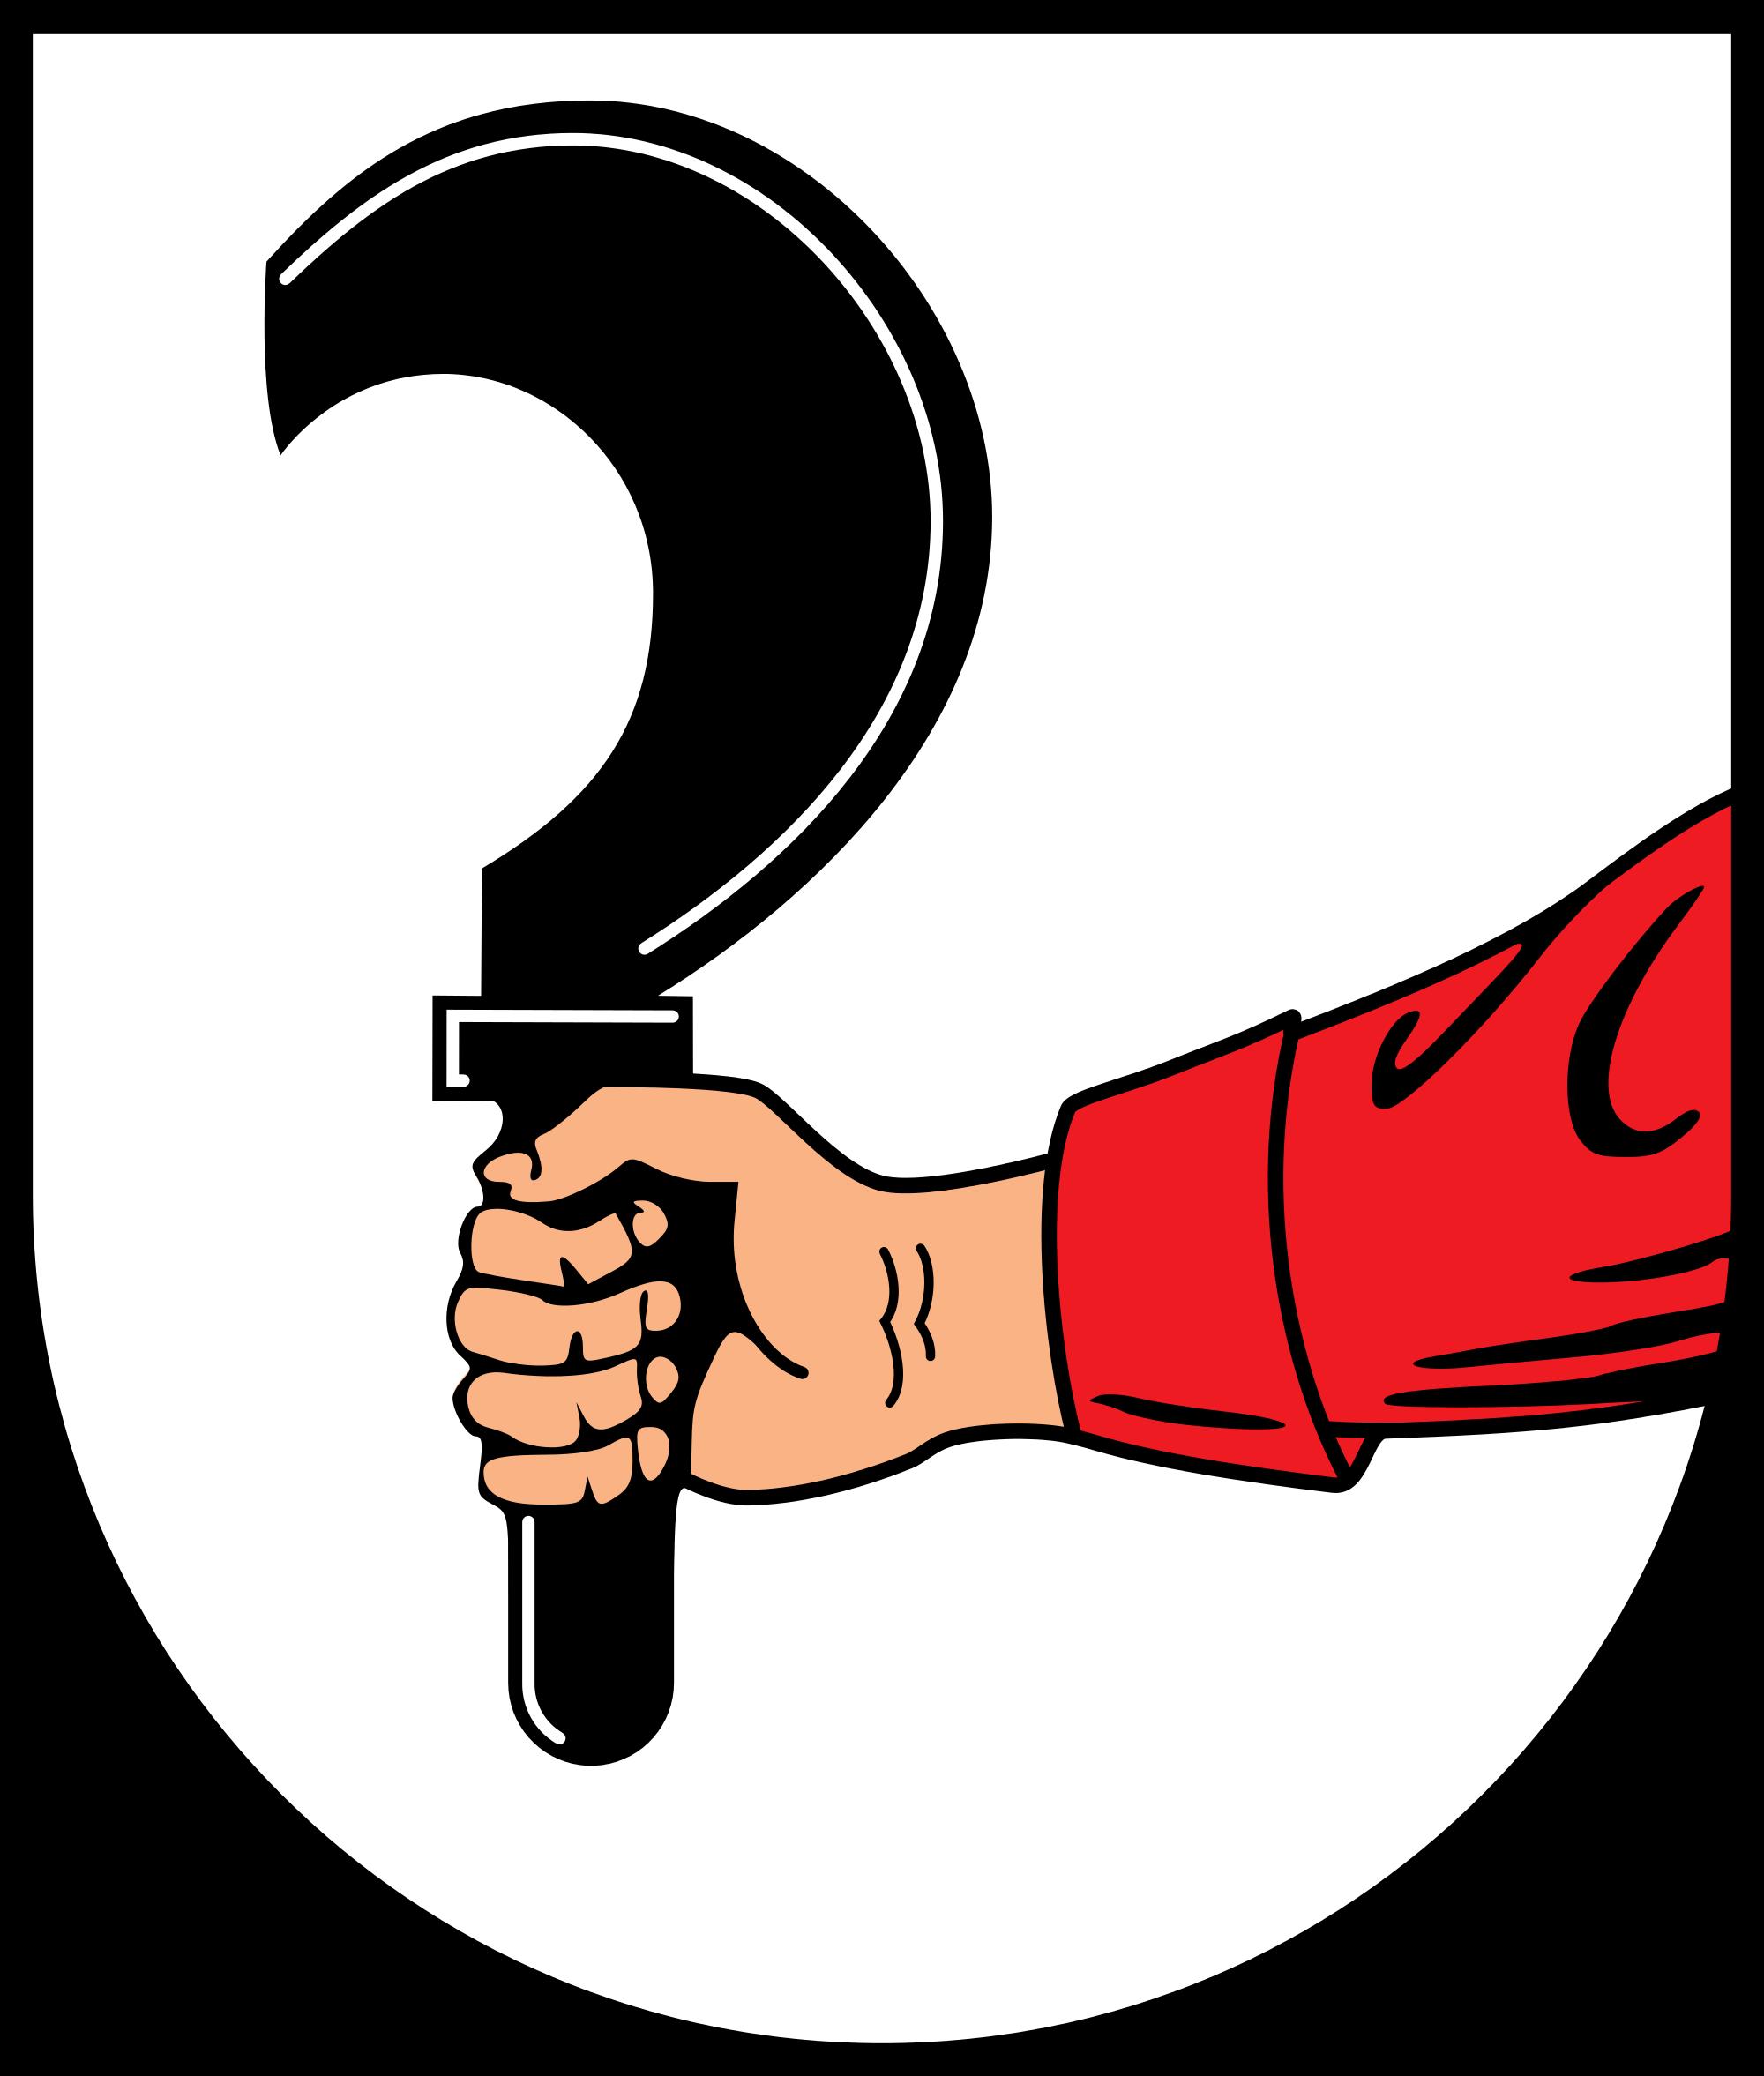 File:Wappen Talheim bei Heilbronn.svg.